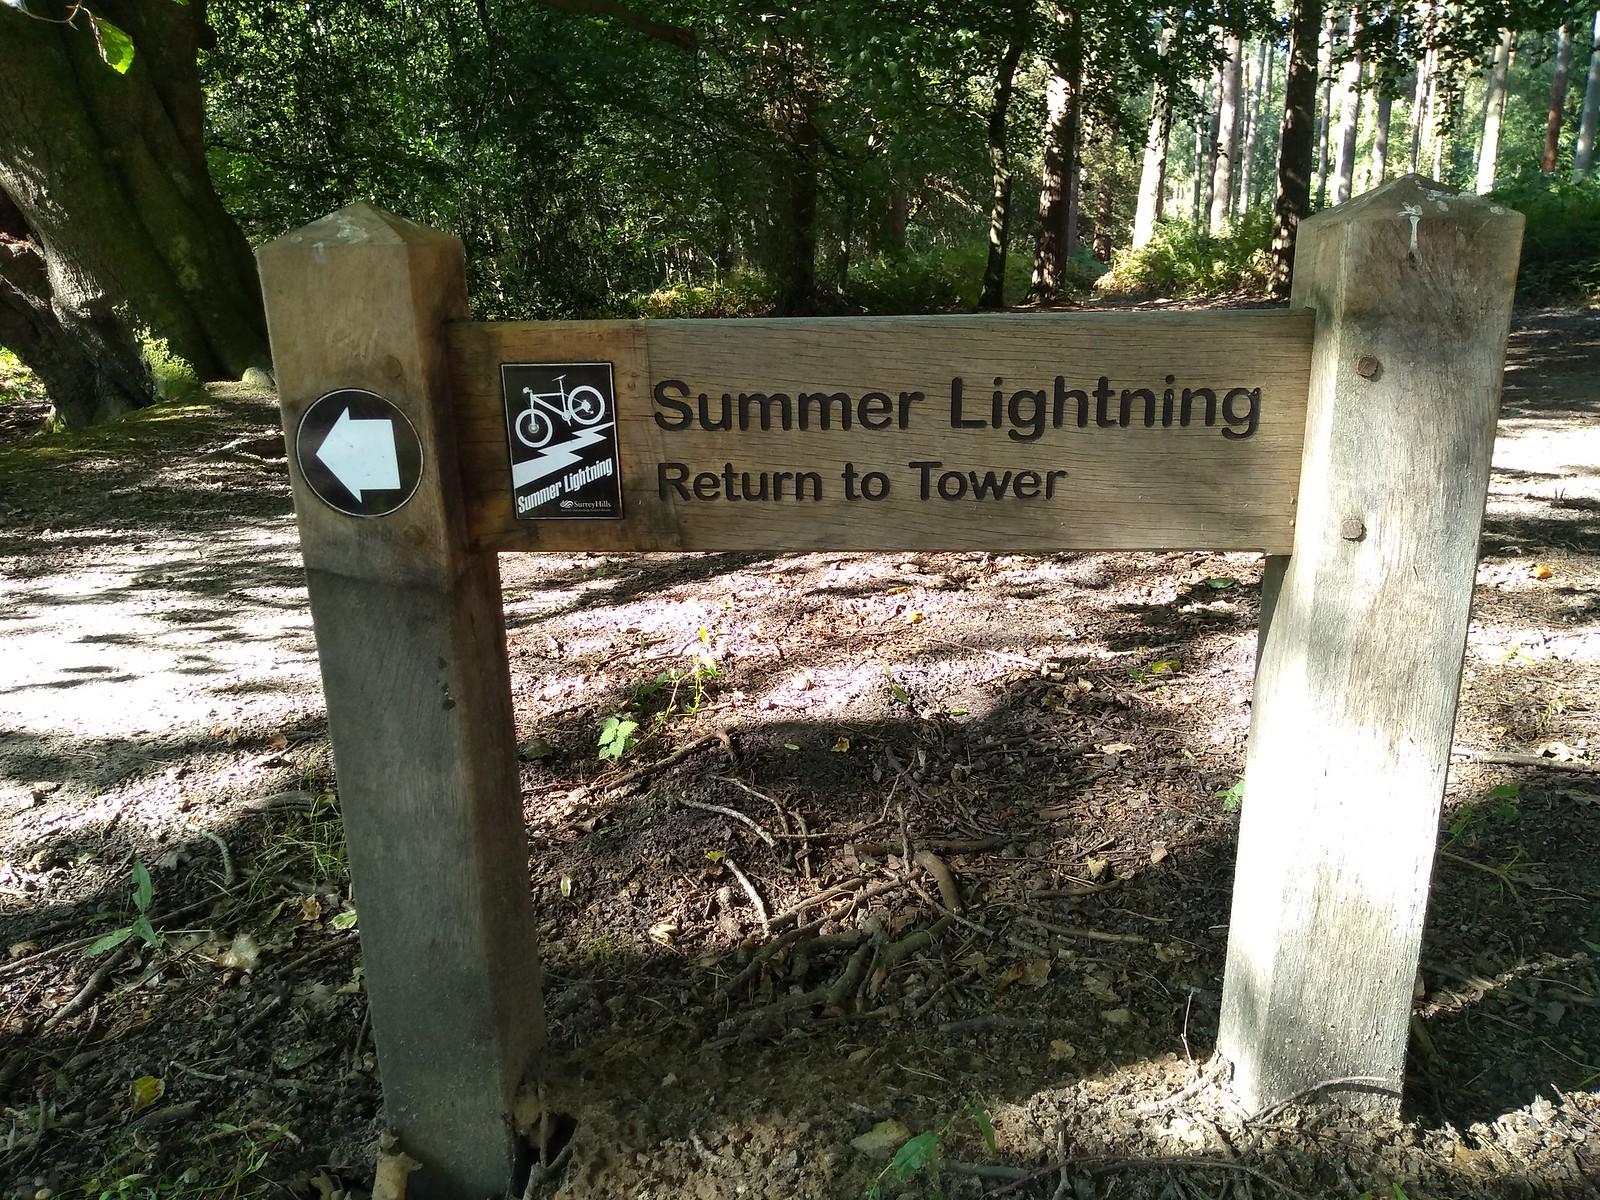 Summer Lightning Summer nights and Greased lightning?